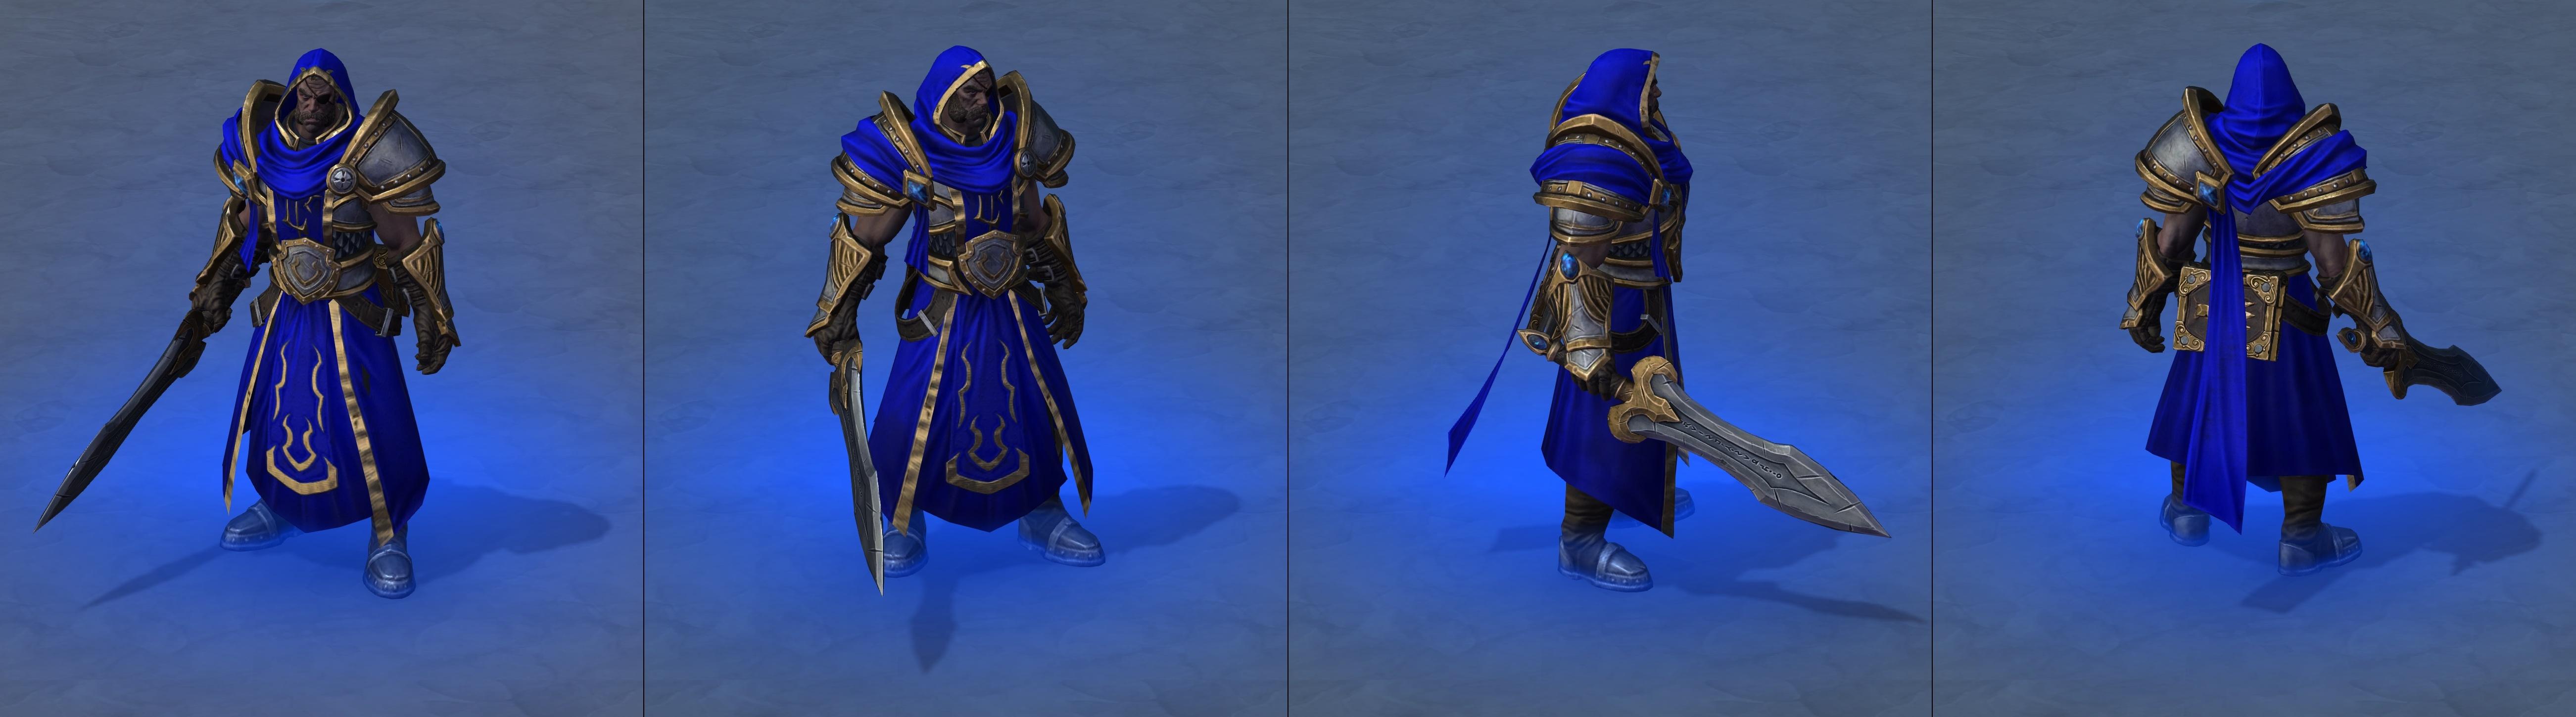 Warcraft III Reforged : Halahk the Lifebringer